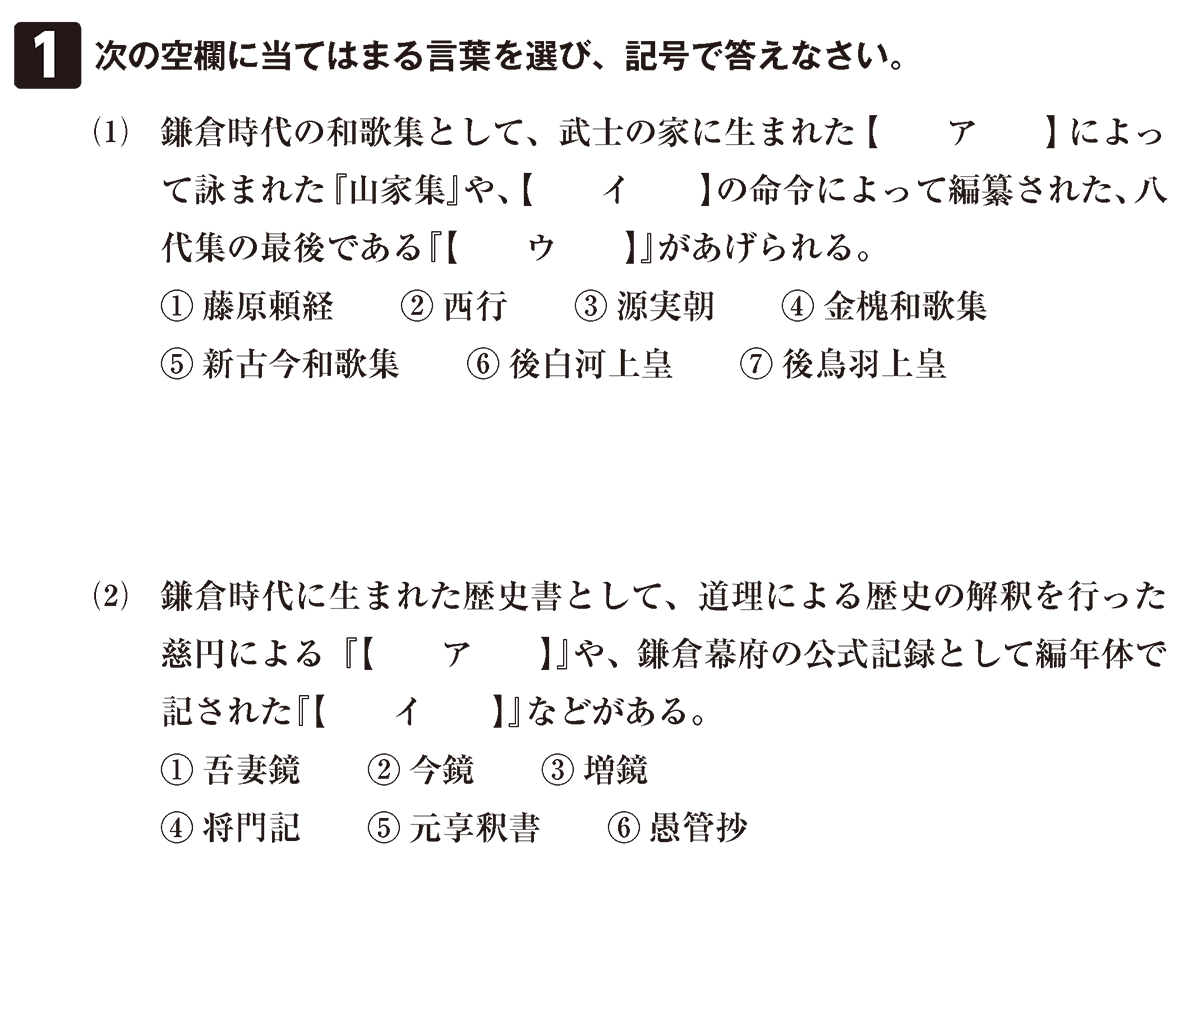 中世の文化12 問題1 問題